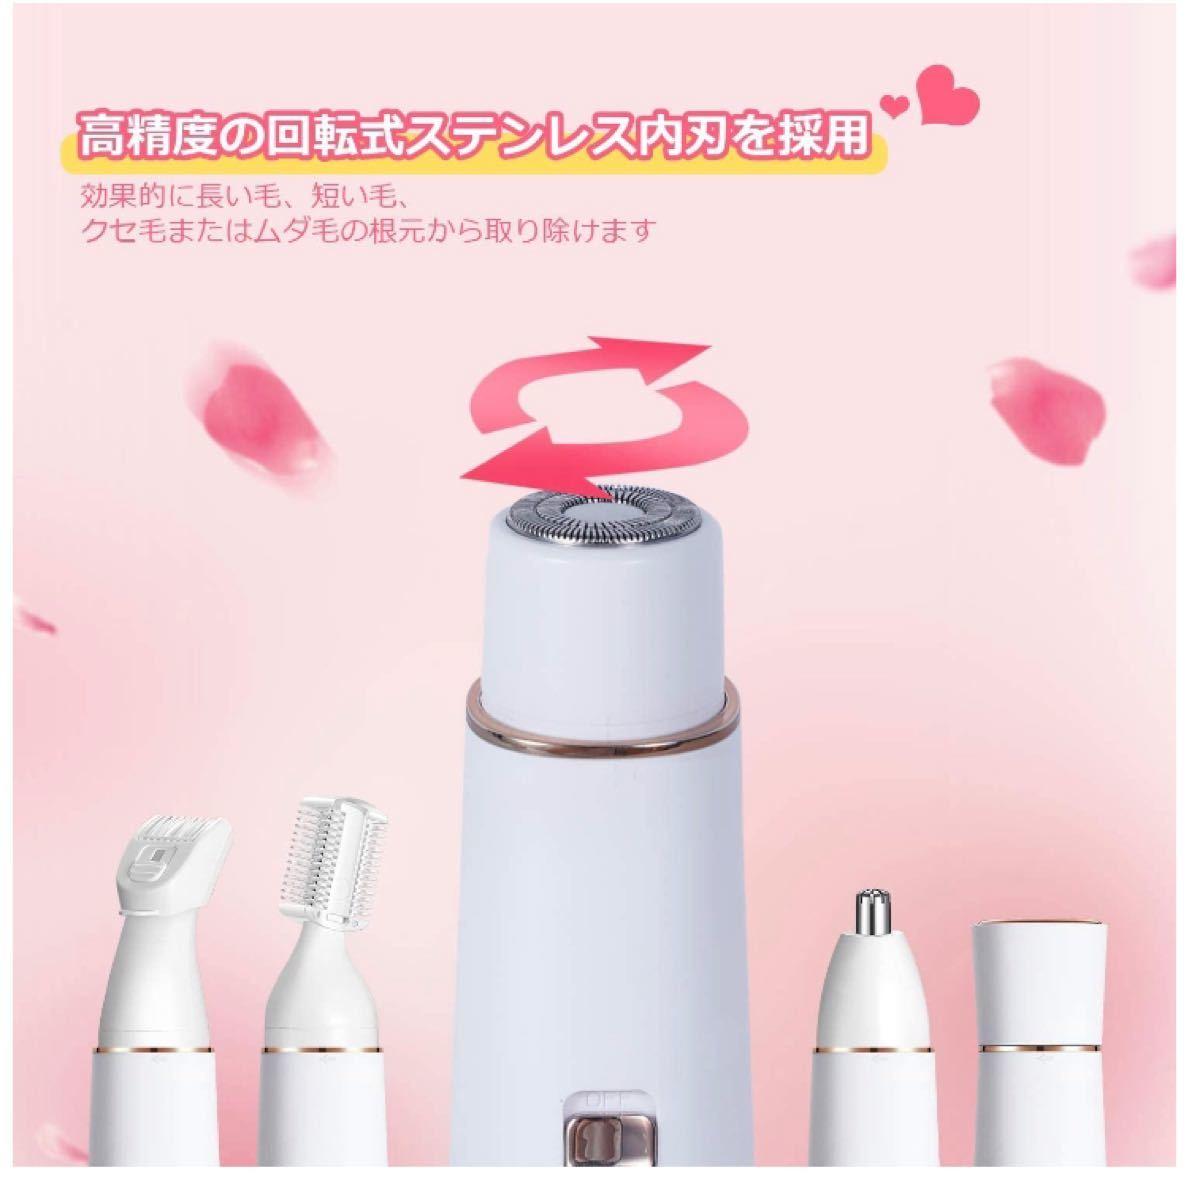 レディースシェーバー 電動シェーバー 多機能 防水 USB充電 日本語説明書付